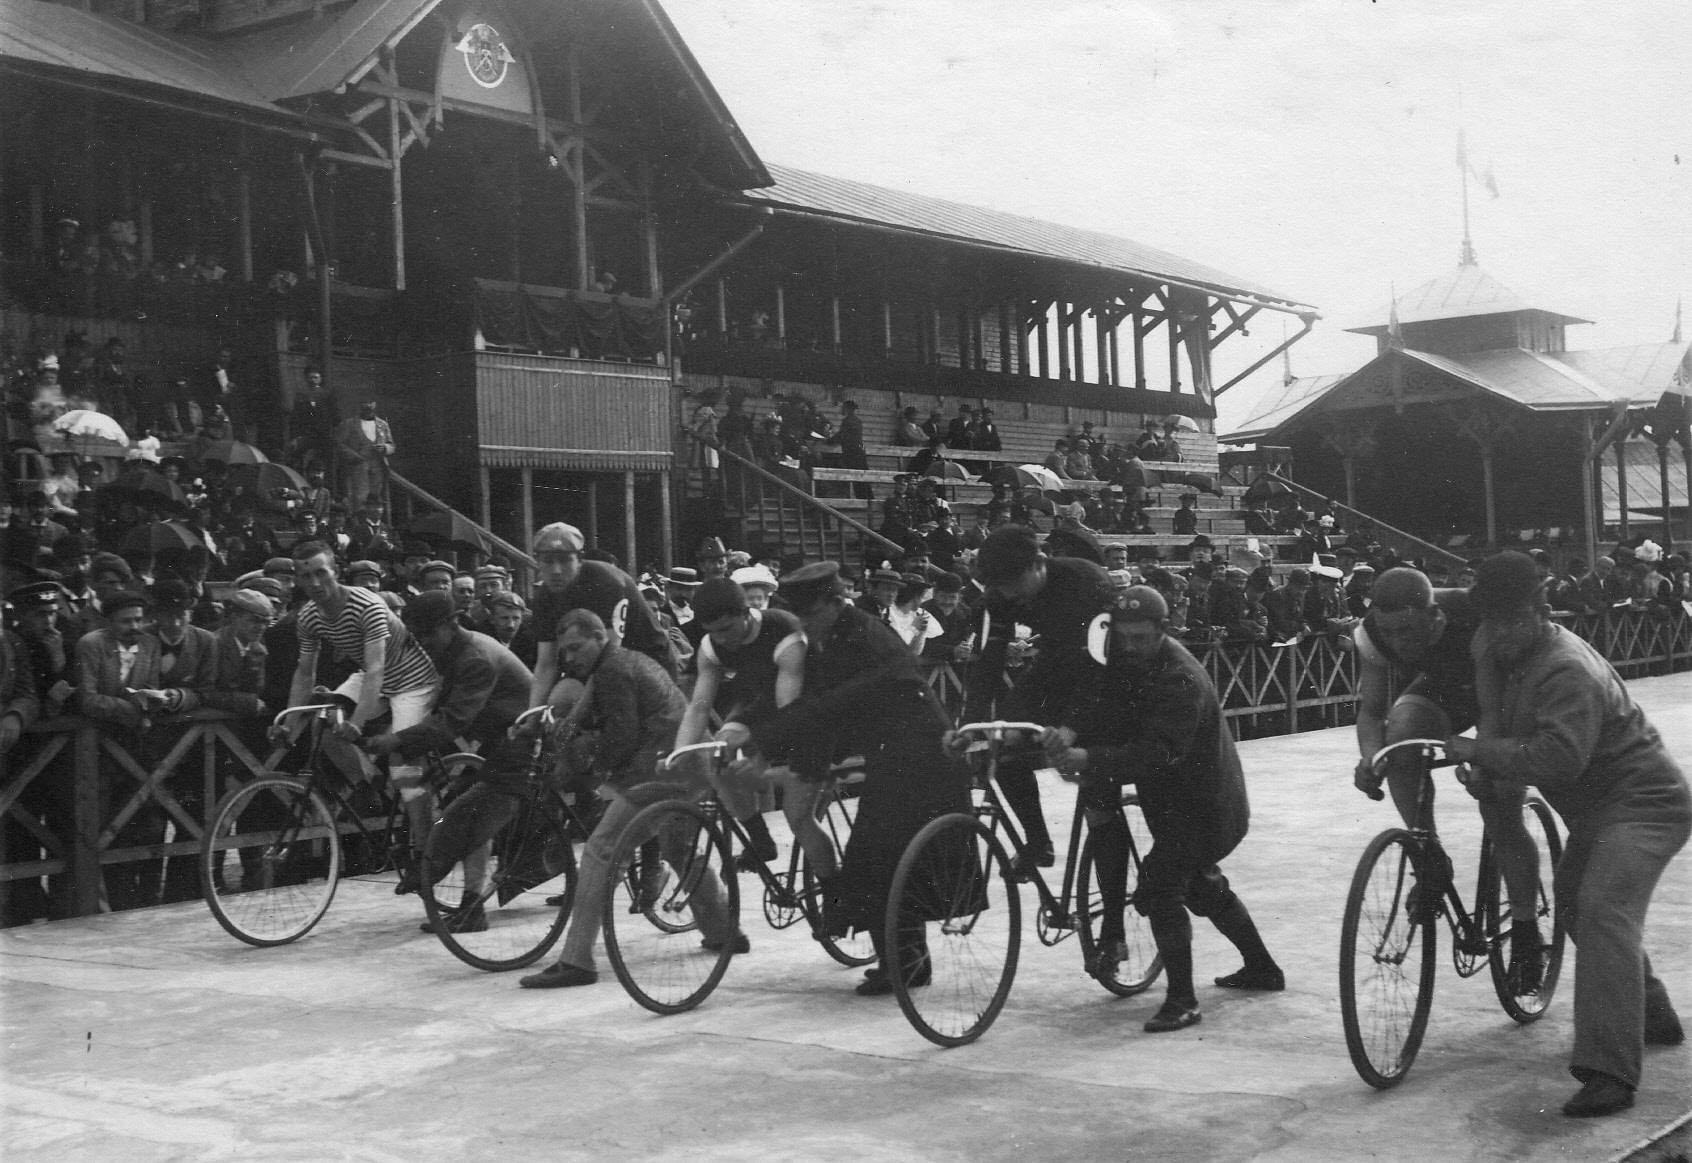 Велогонщики на старте после команды Приготовиться! на велодроме. Старт на приз открытия 15 августа 1895 года